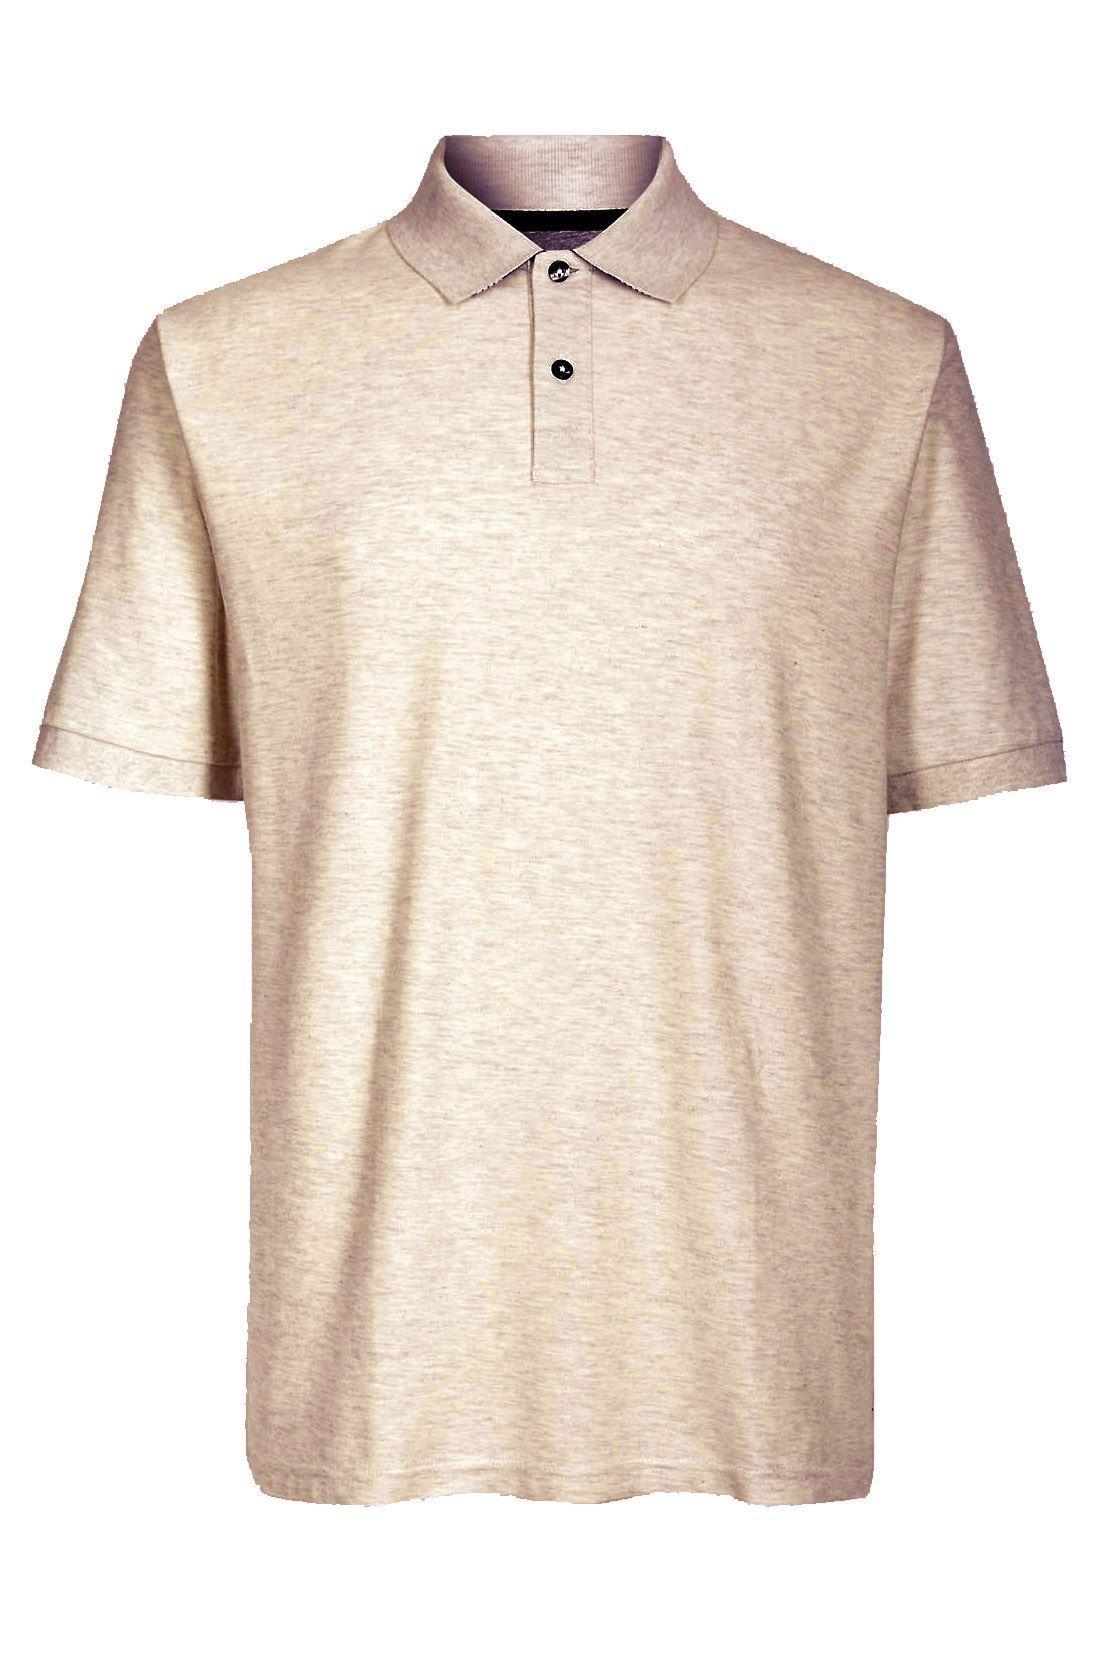 Marks-amp-Spencer-Camisa-Polo-Para-Hombre-Algodon-Clasico-M-amp-S-todos-los-colores-y-tamanos-de miniatura 4